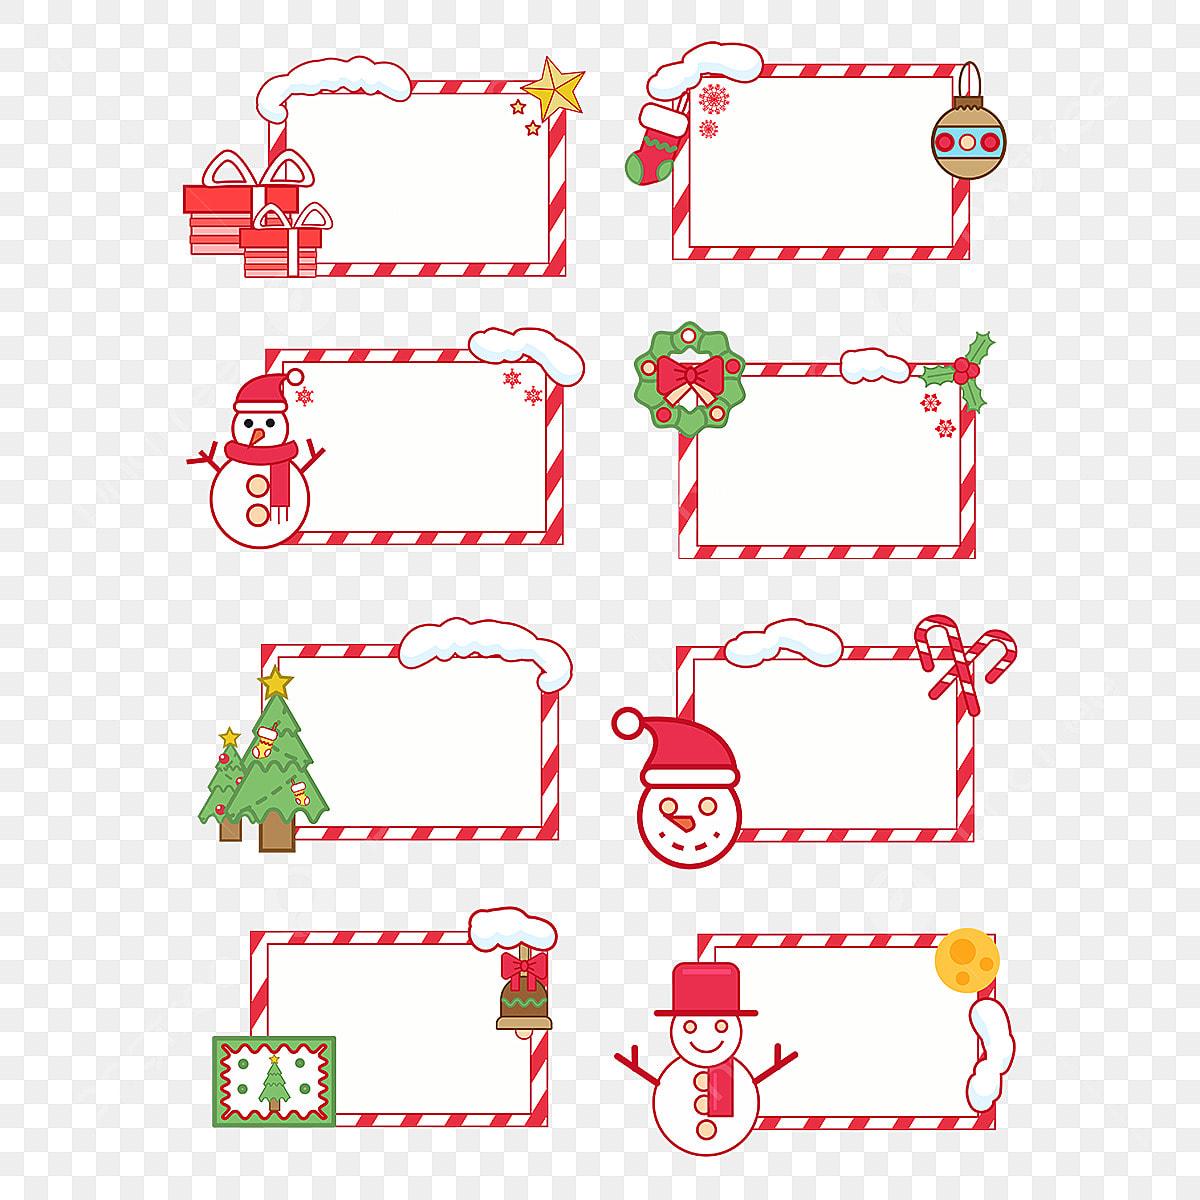 Disegno A Mano Dei Cartoni Animati Elementi Di Frontiera Di Natale